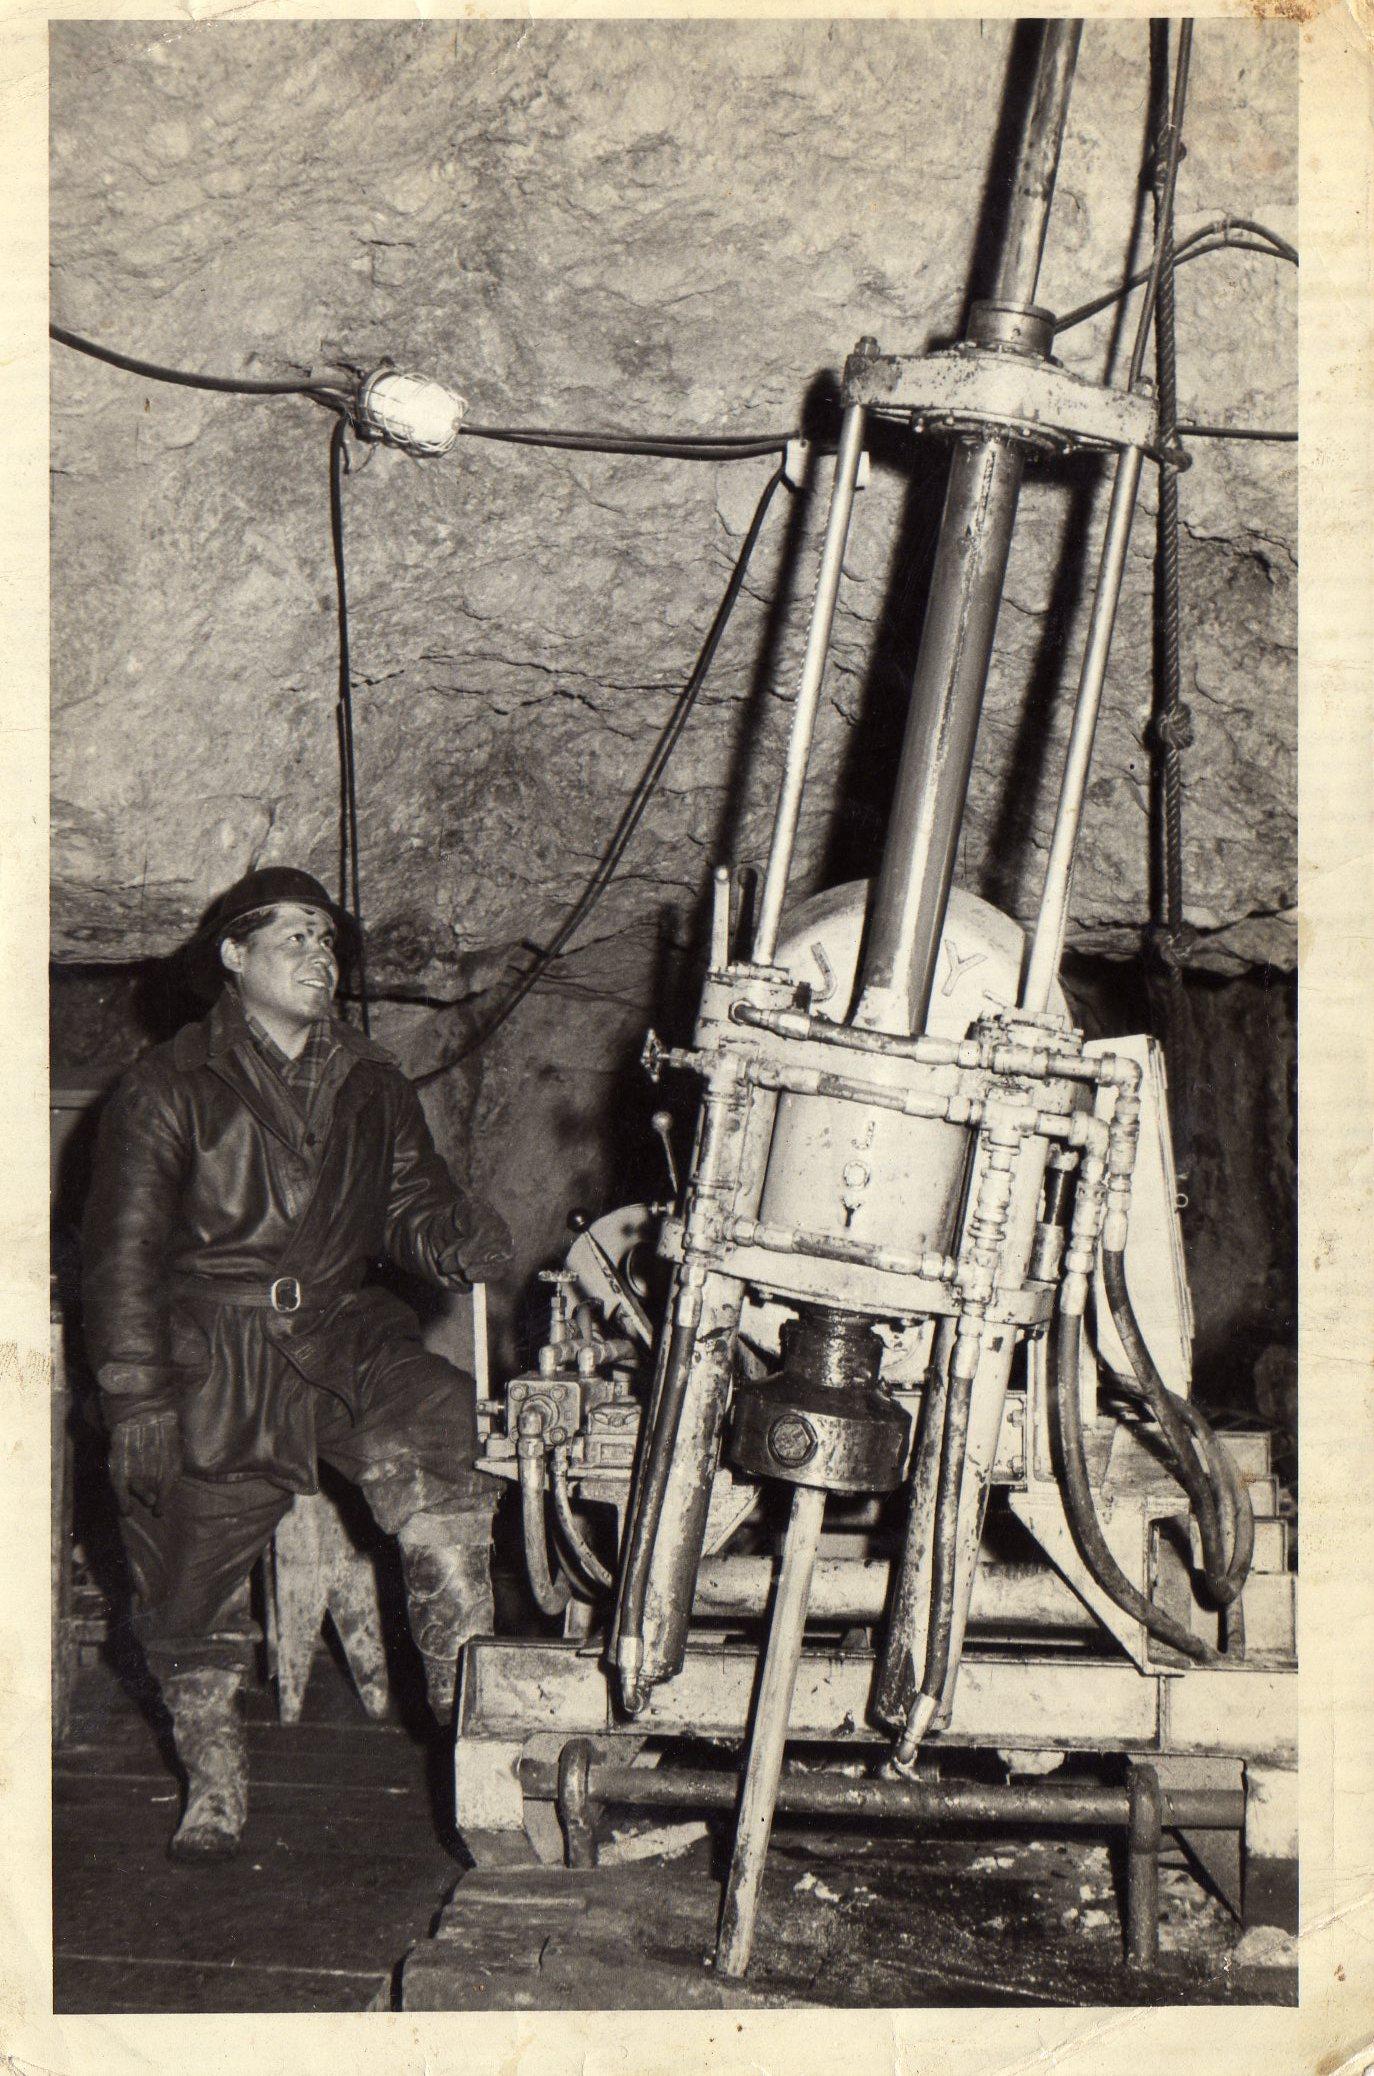 Enterreno - Fotos históricas de chile - fotos antiguas de Chile - Mina disputada las Condes, 1960